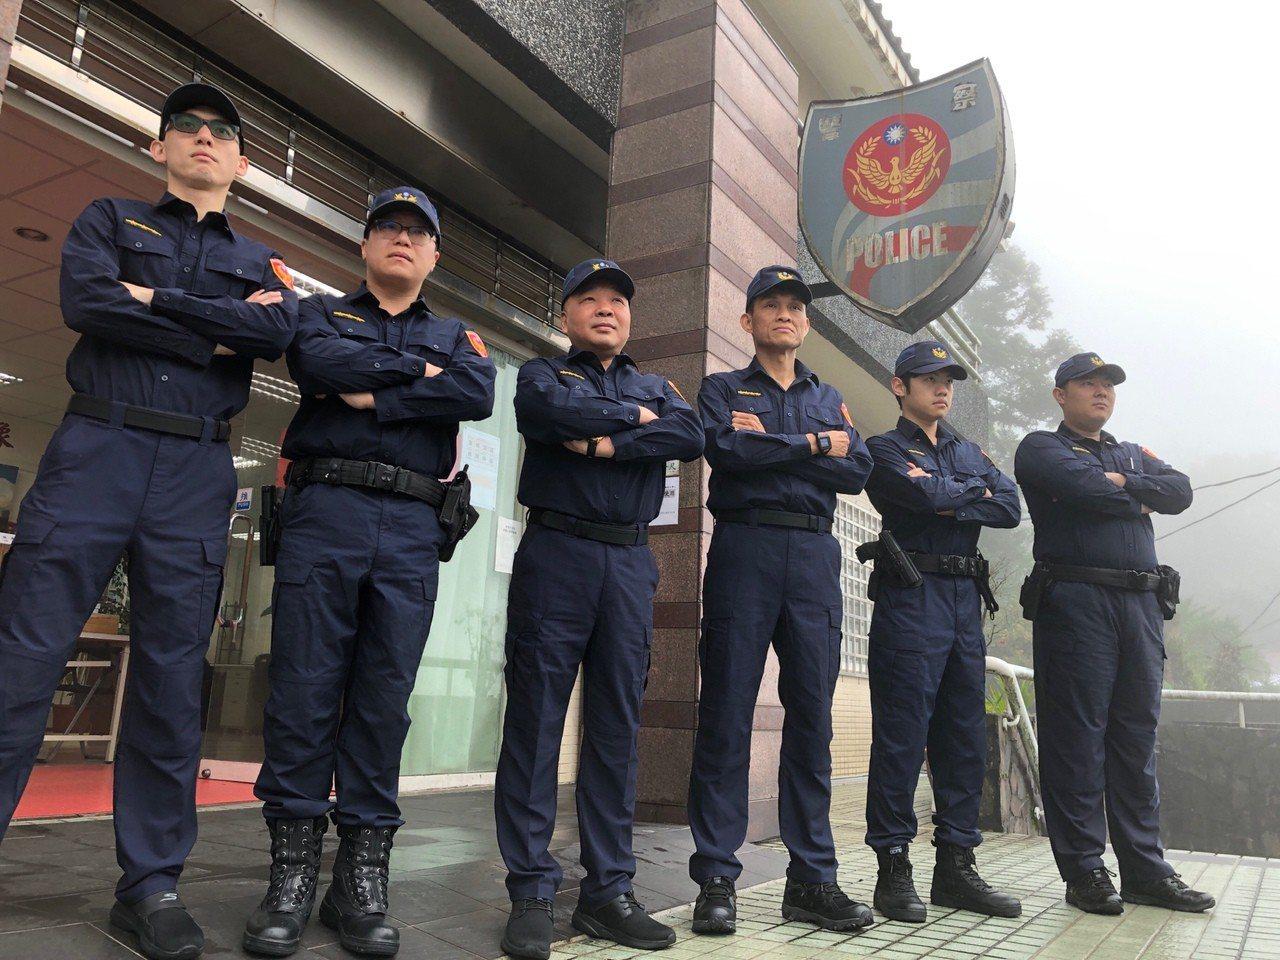 竹子湖派出所員警換穿新制服,守護陽明山治安。記者蕭雅娟/翻攝